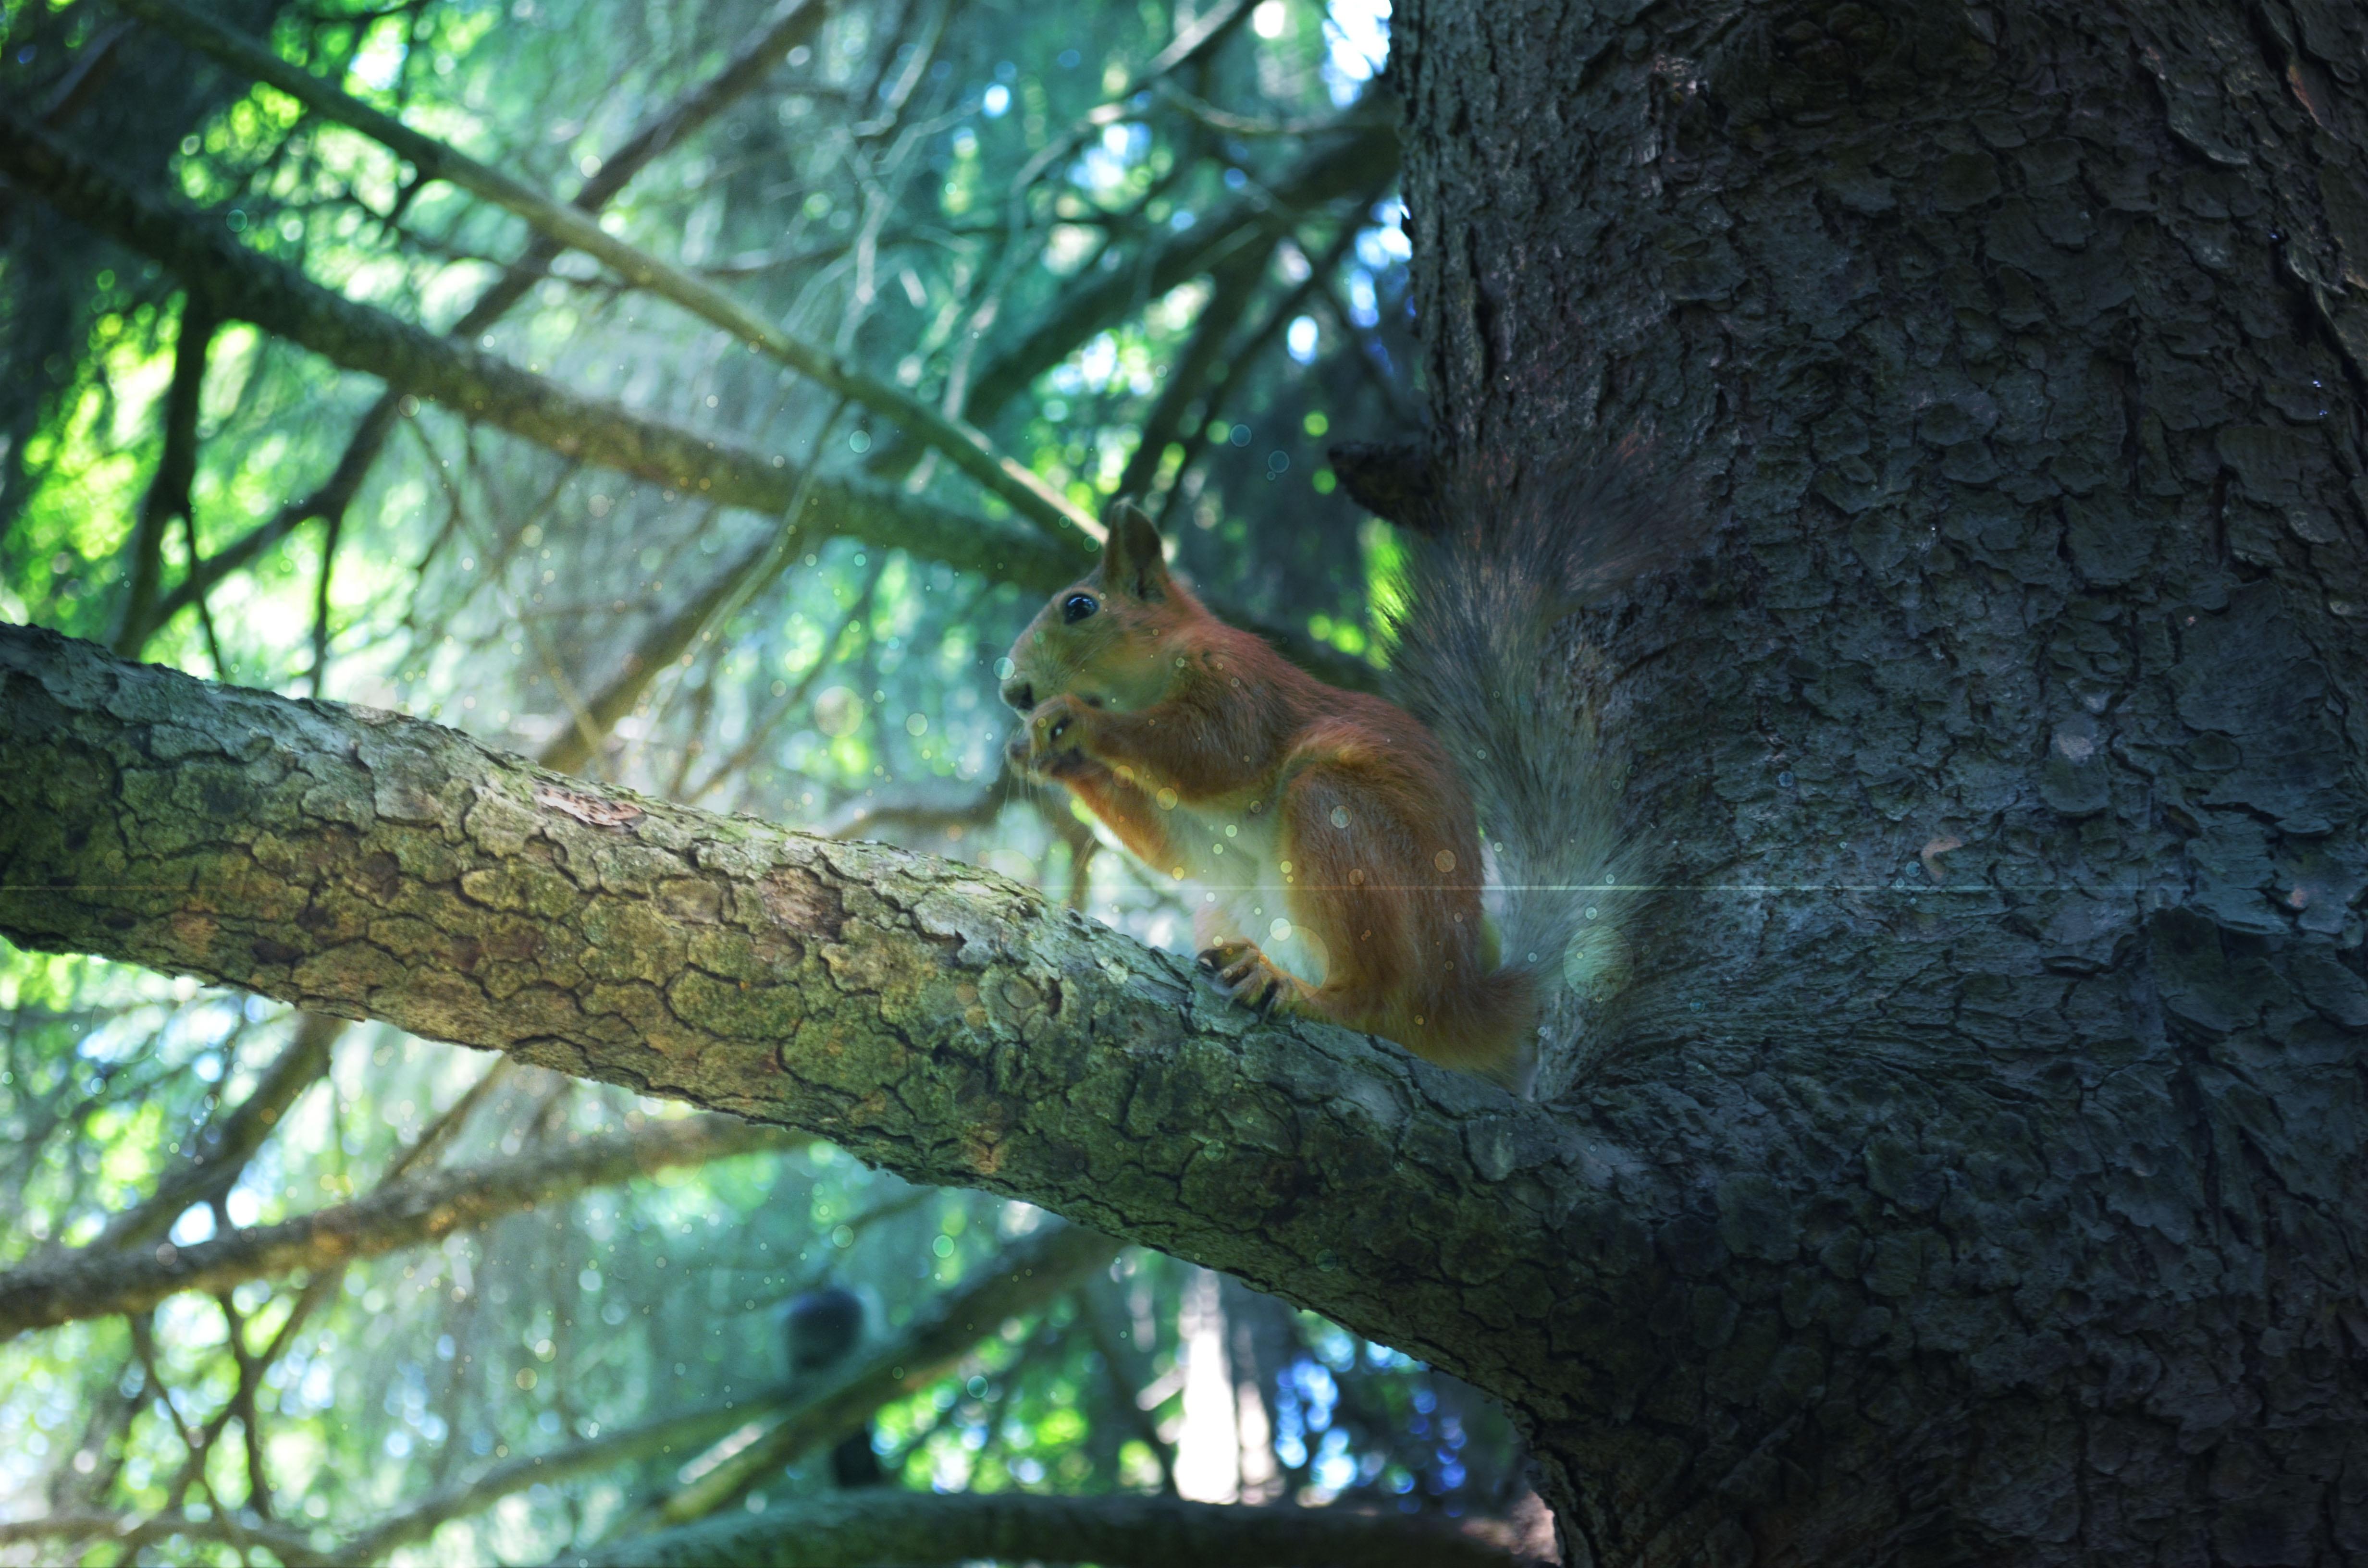 природа животные белка nature animals protein  № 1115636 загрузить